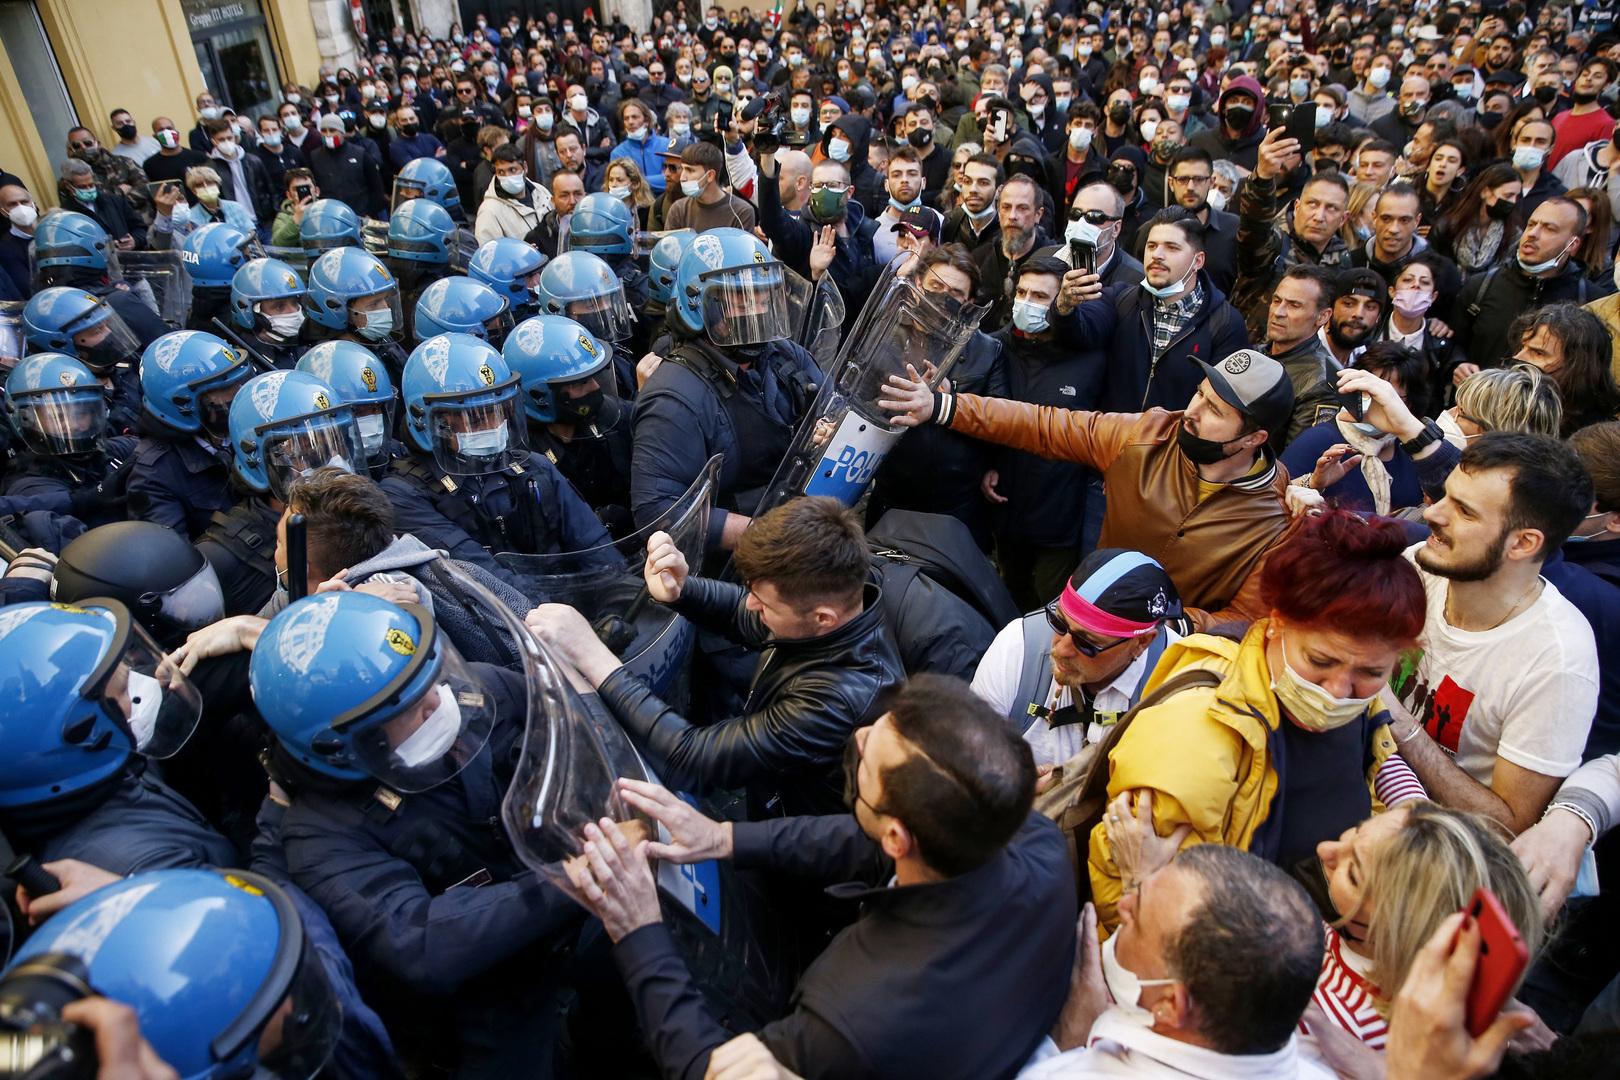 روما.. اشتباكات مع الشرطة احتجاجا على الإغلاق (فيديو)